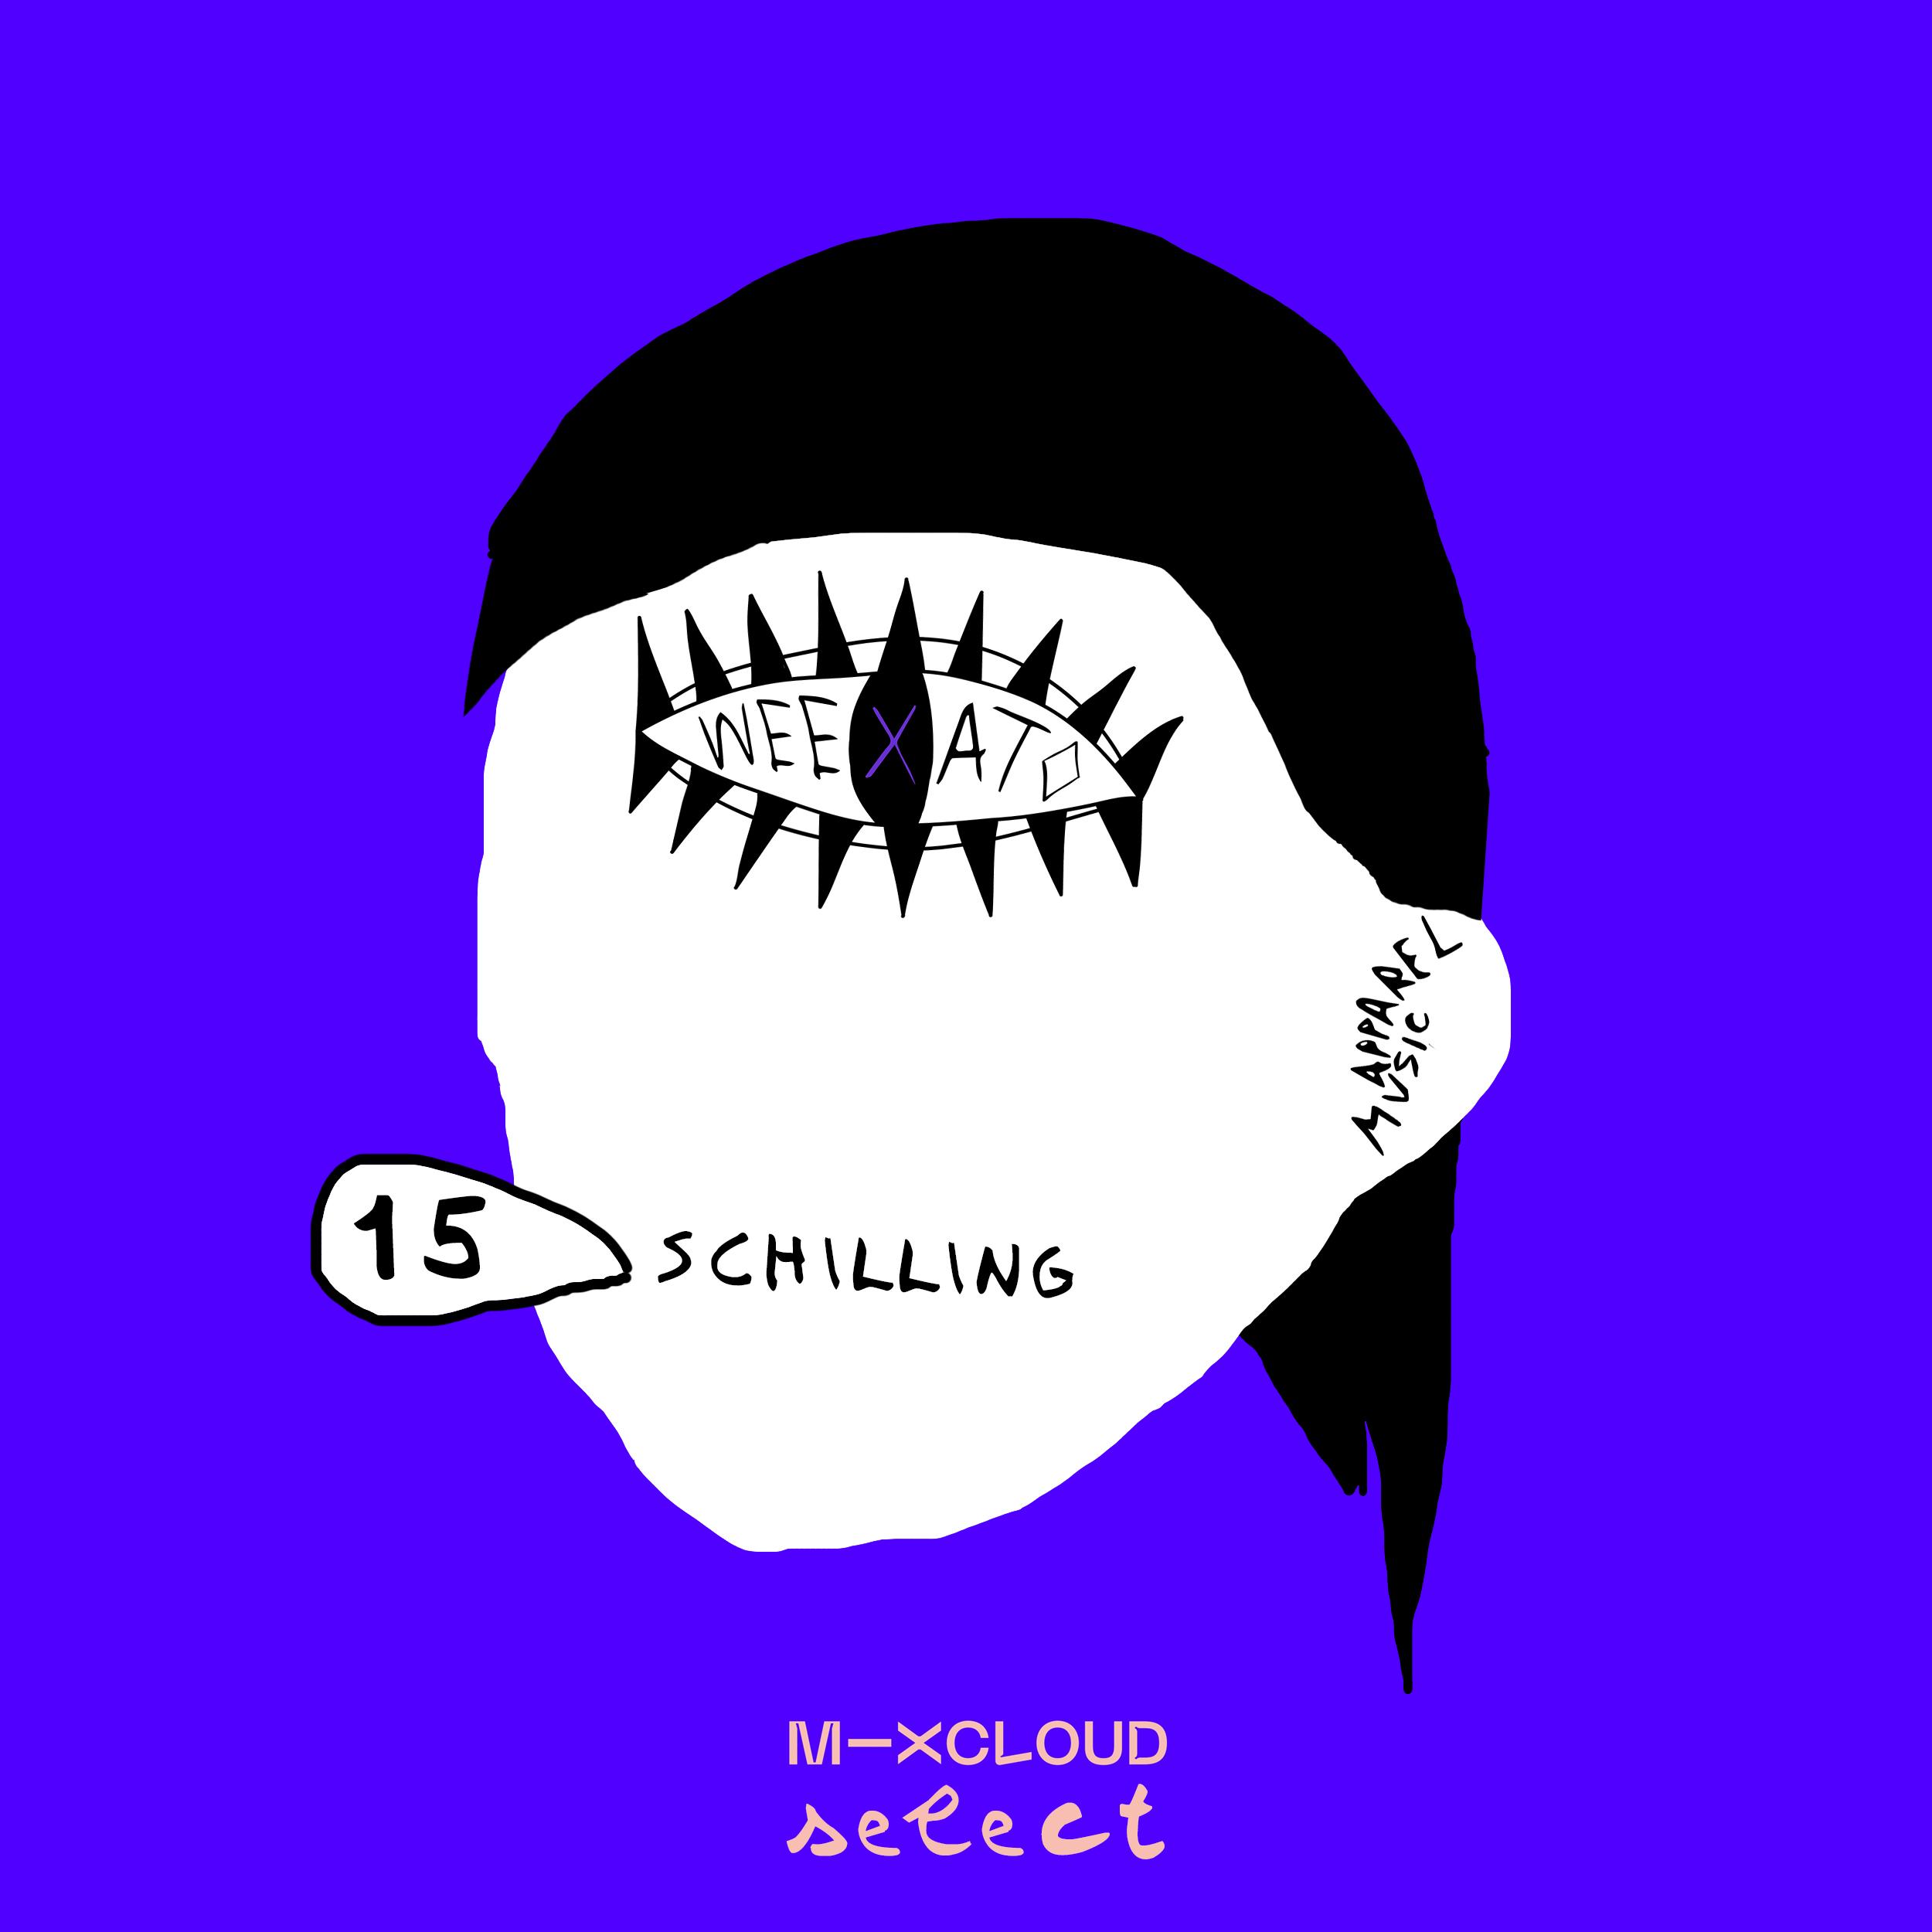 apl_mixcloud_select_015_SCHiLLiNG